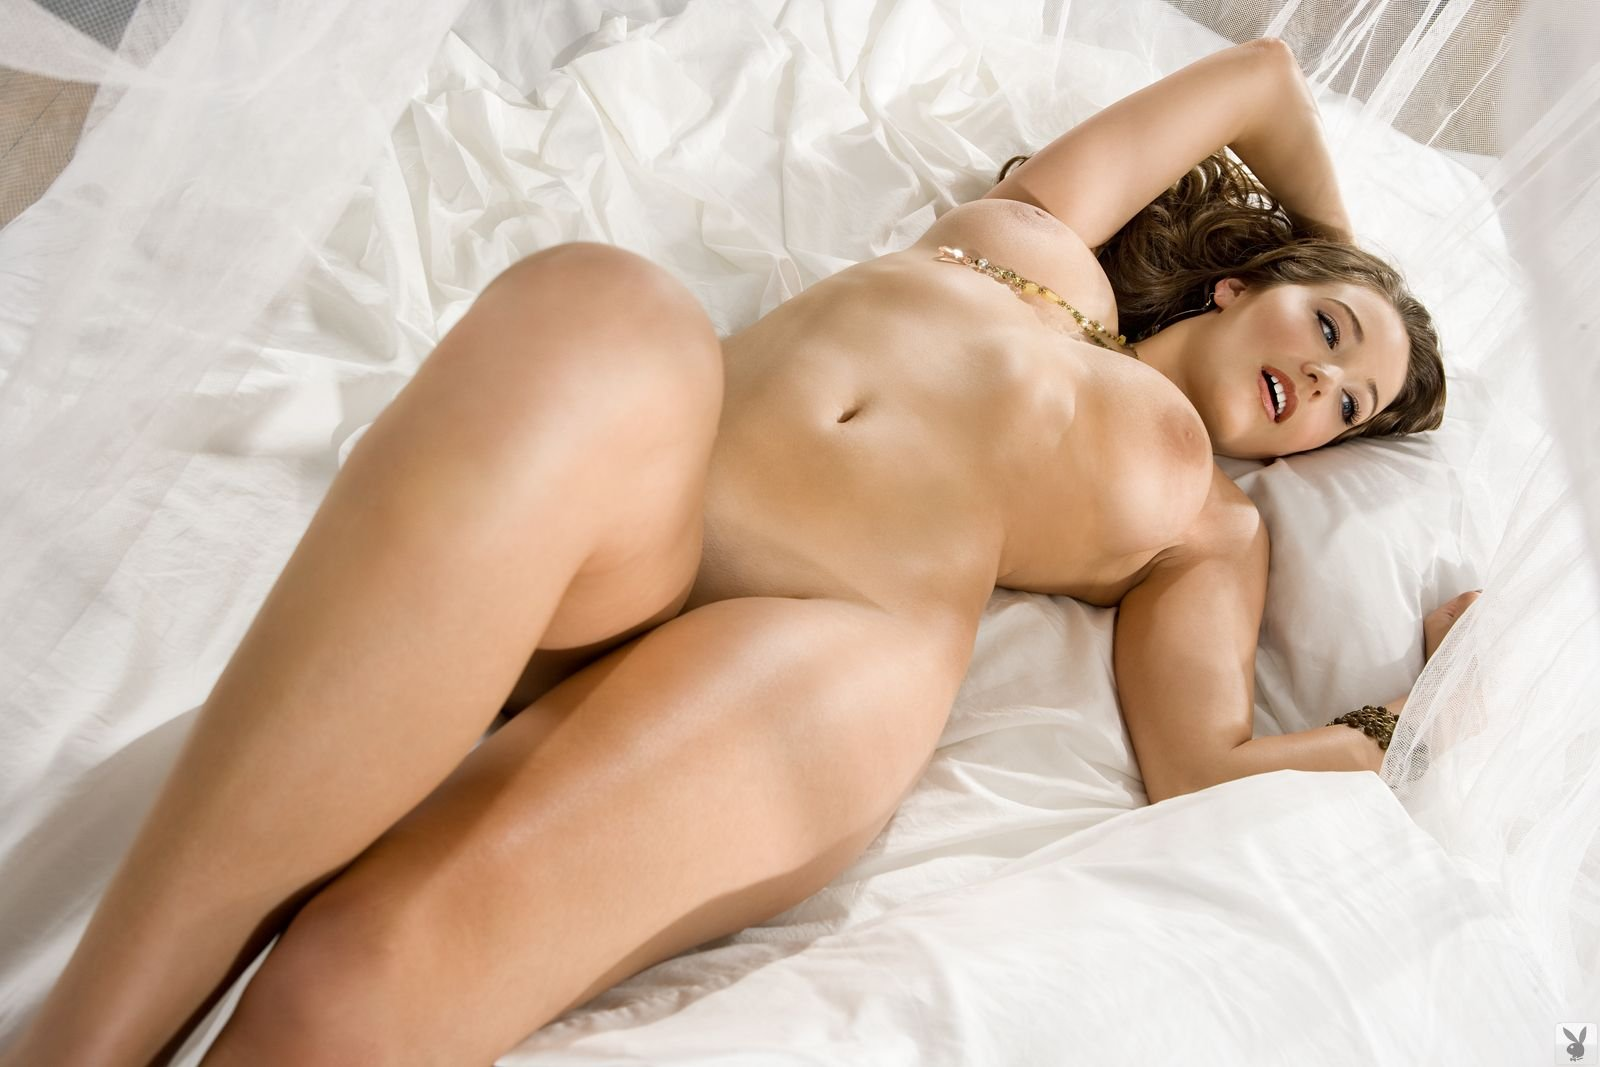 с красивыми фото девушки формами порно